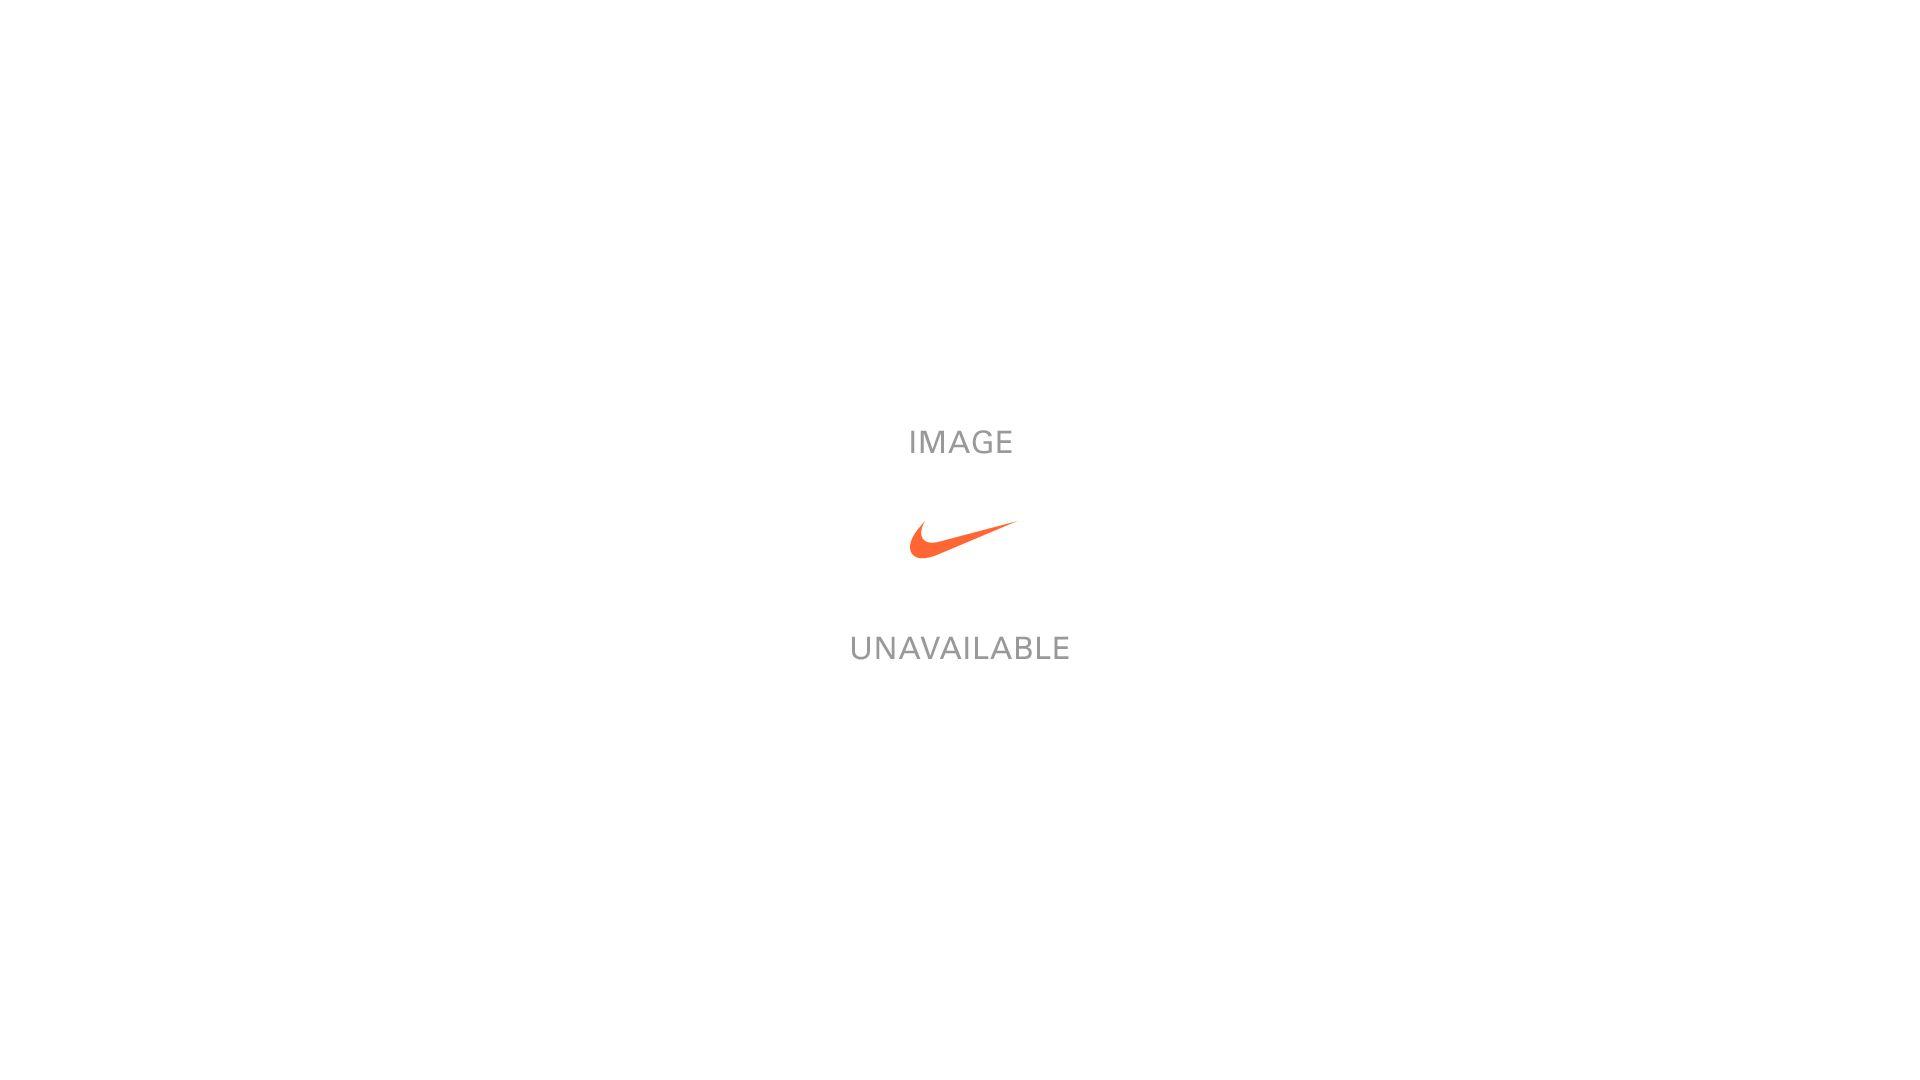 Nike Air Max 720 'Obsidian' (AO2924-402)